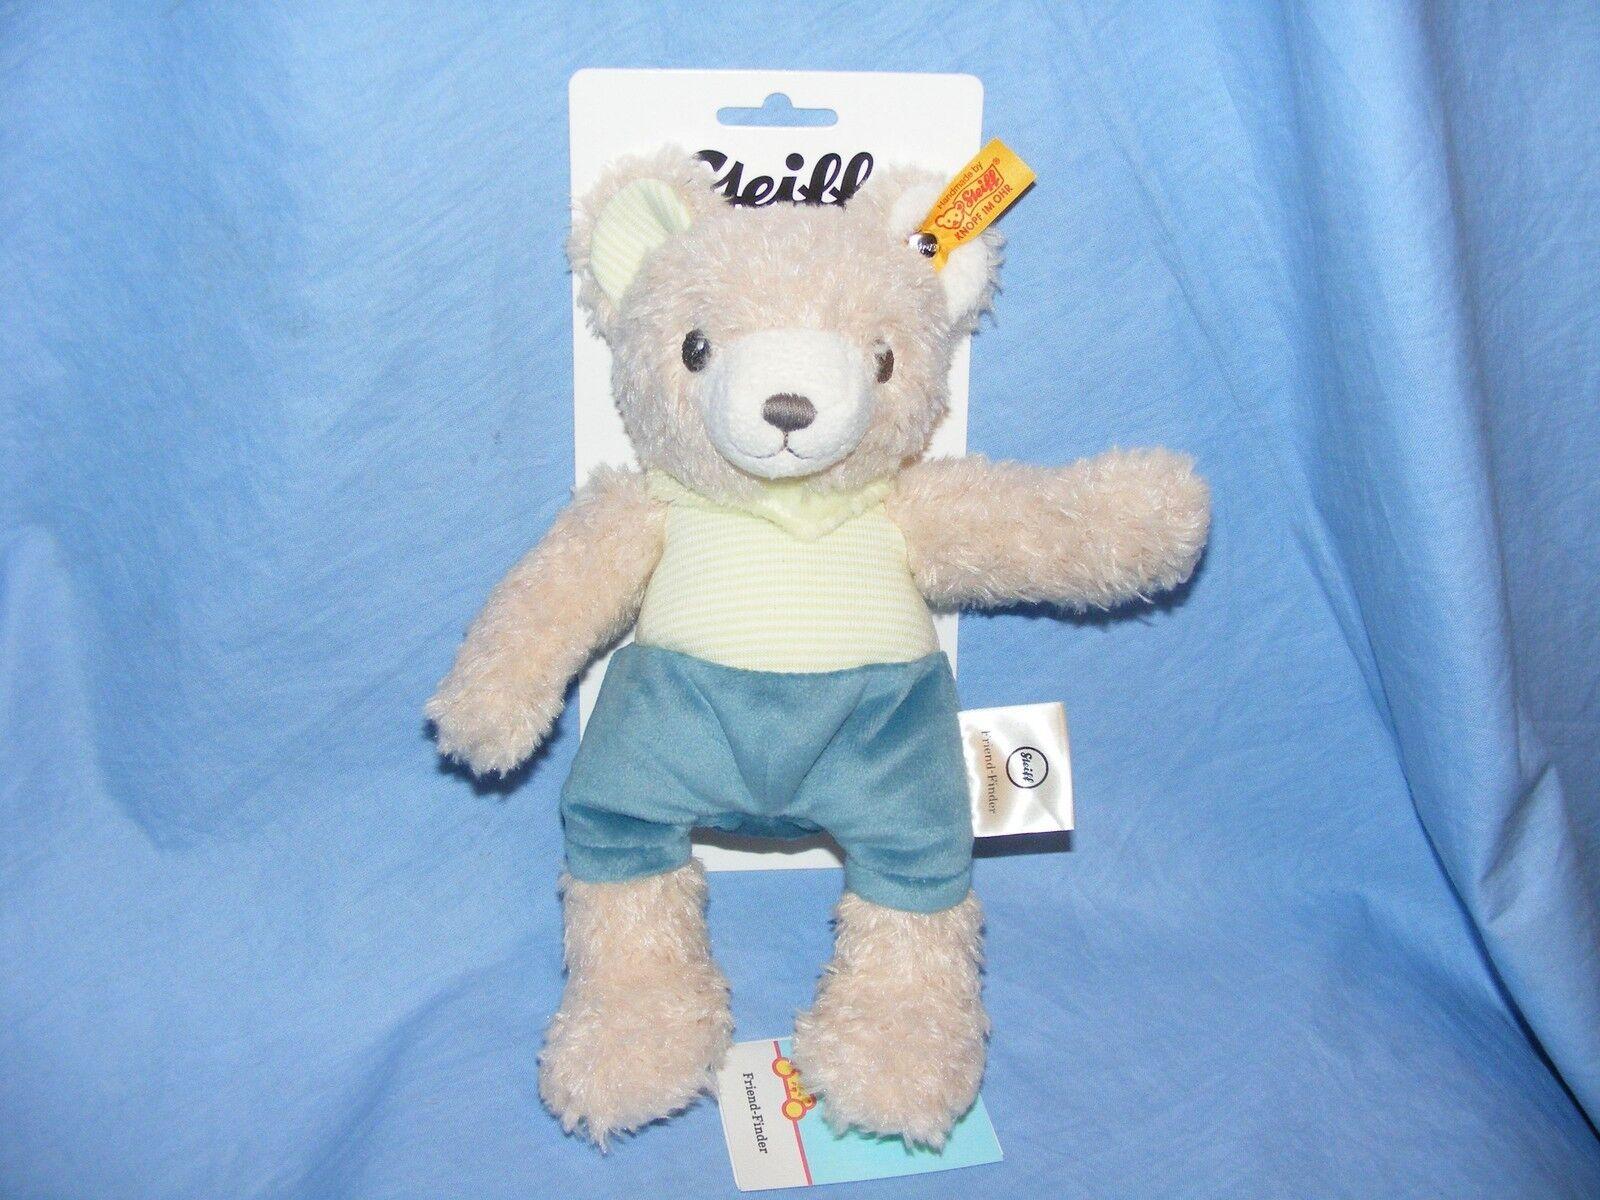 Steiff Teddybär Geschenk Freund Finder Neu Baby Geburtstag Taufe Geschenk Teddybär Neuer 2017 414411